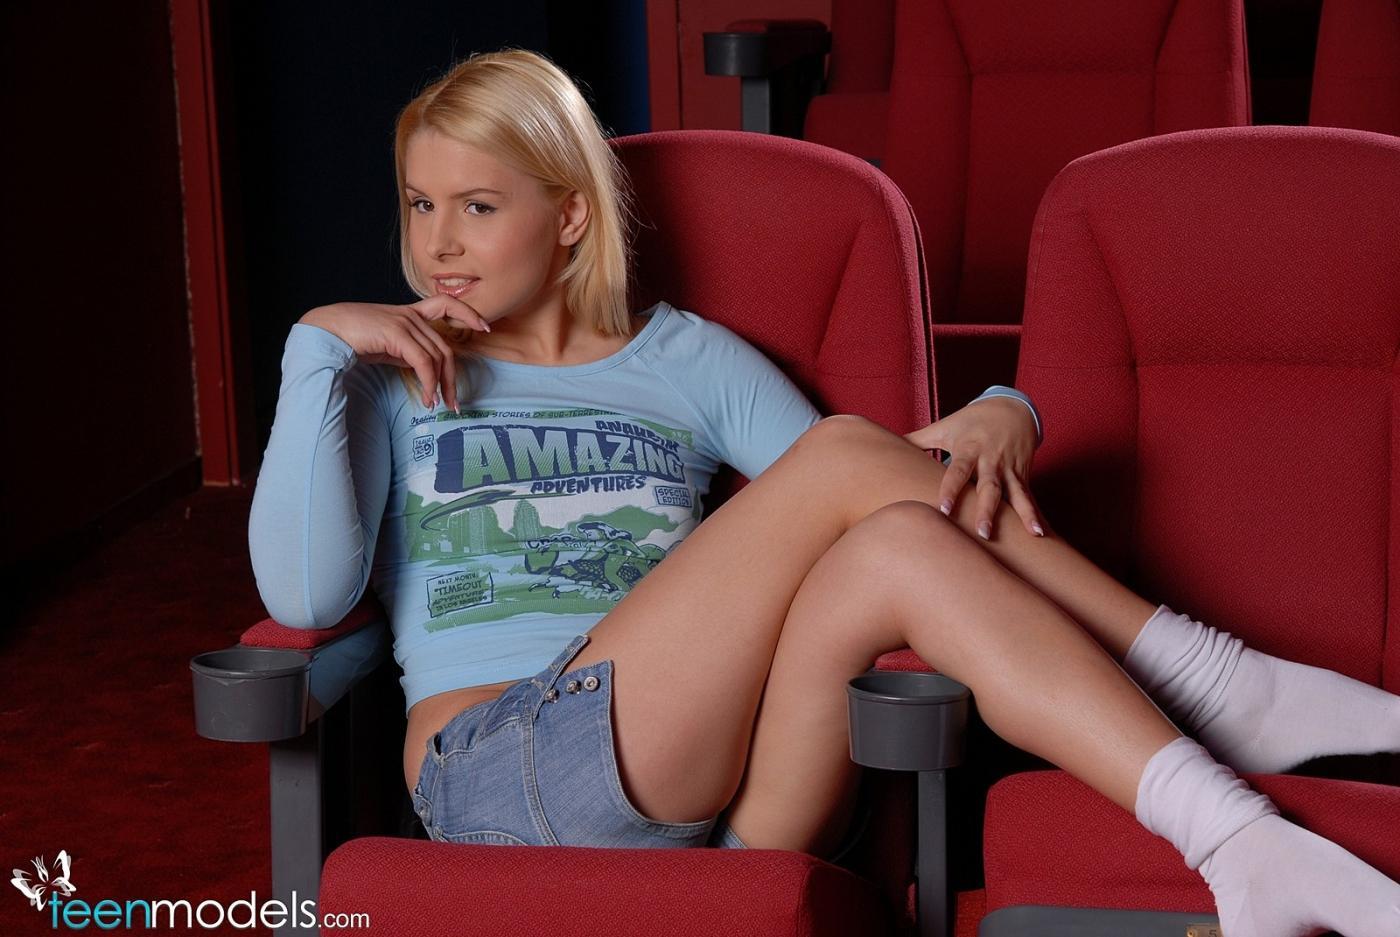 20-летняя блондинка Бренди смайл стягивает свои трусы и вставляет зеленые резиновые шарики в свою сраку и пилотку